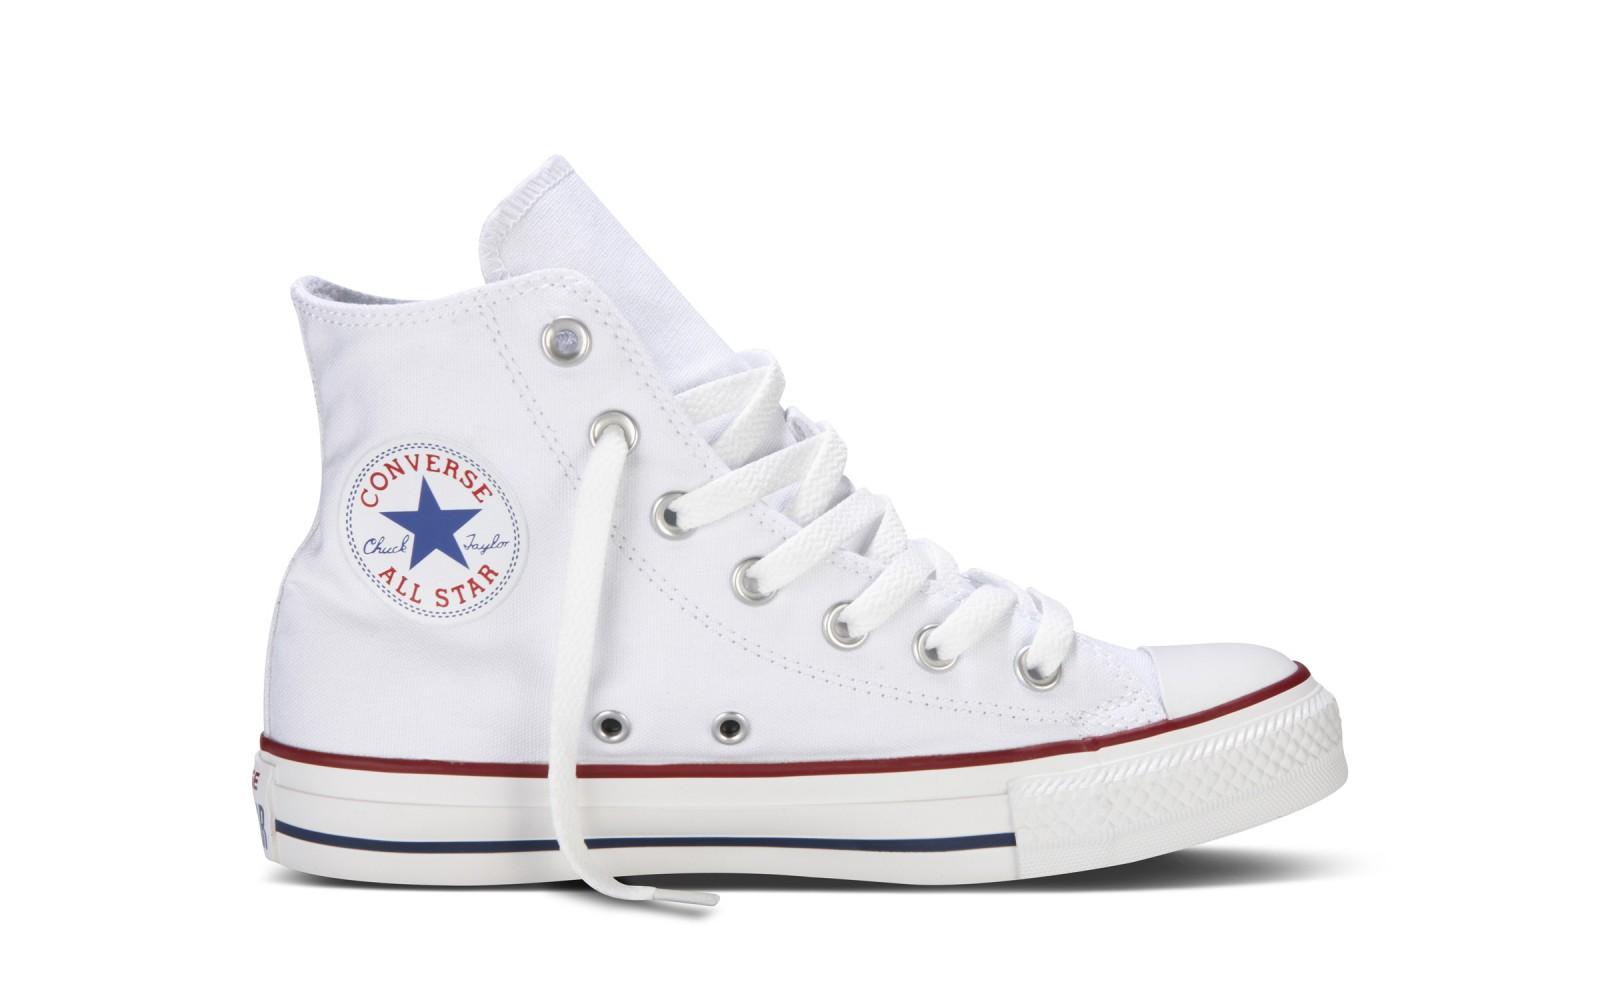 Unisex kotníkové boty Converse Chuck Taylor All Star bílé - Glami.cz 13ef5af033